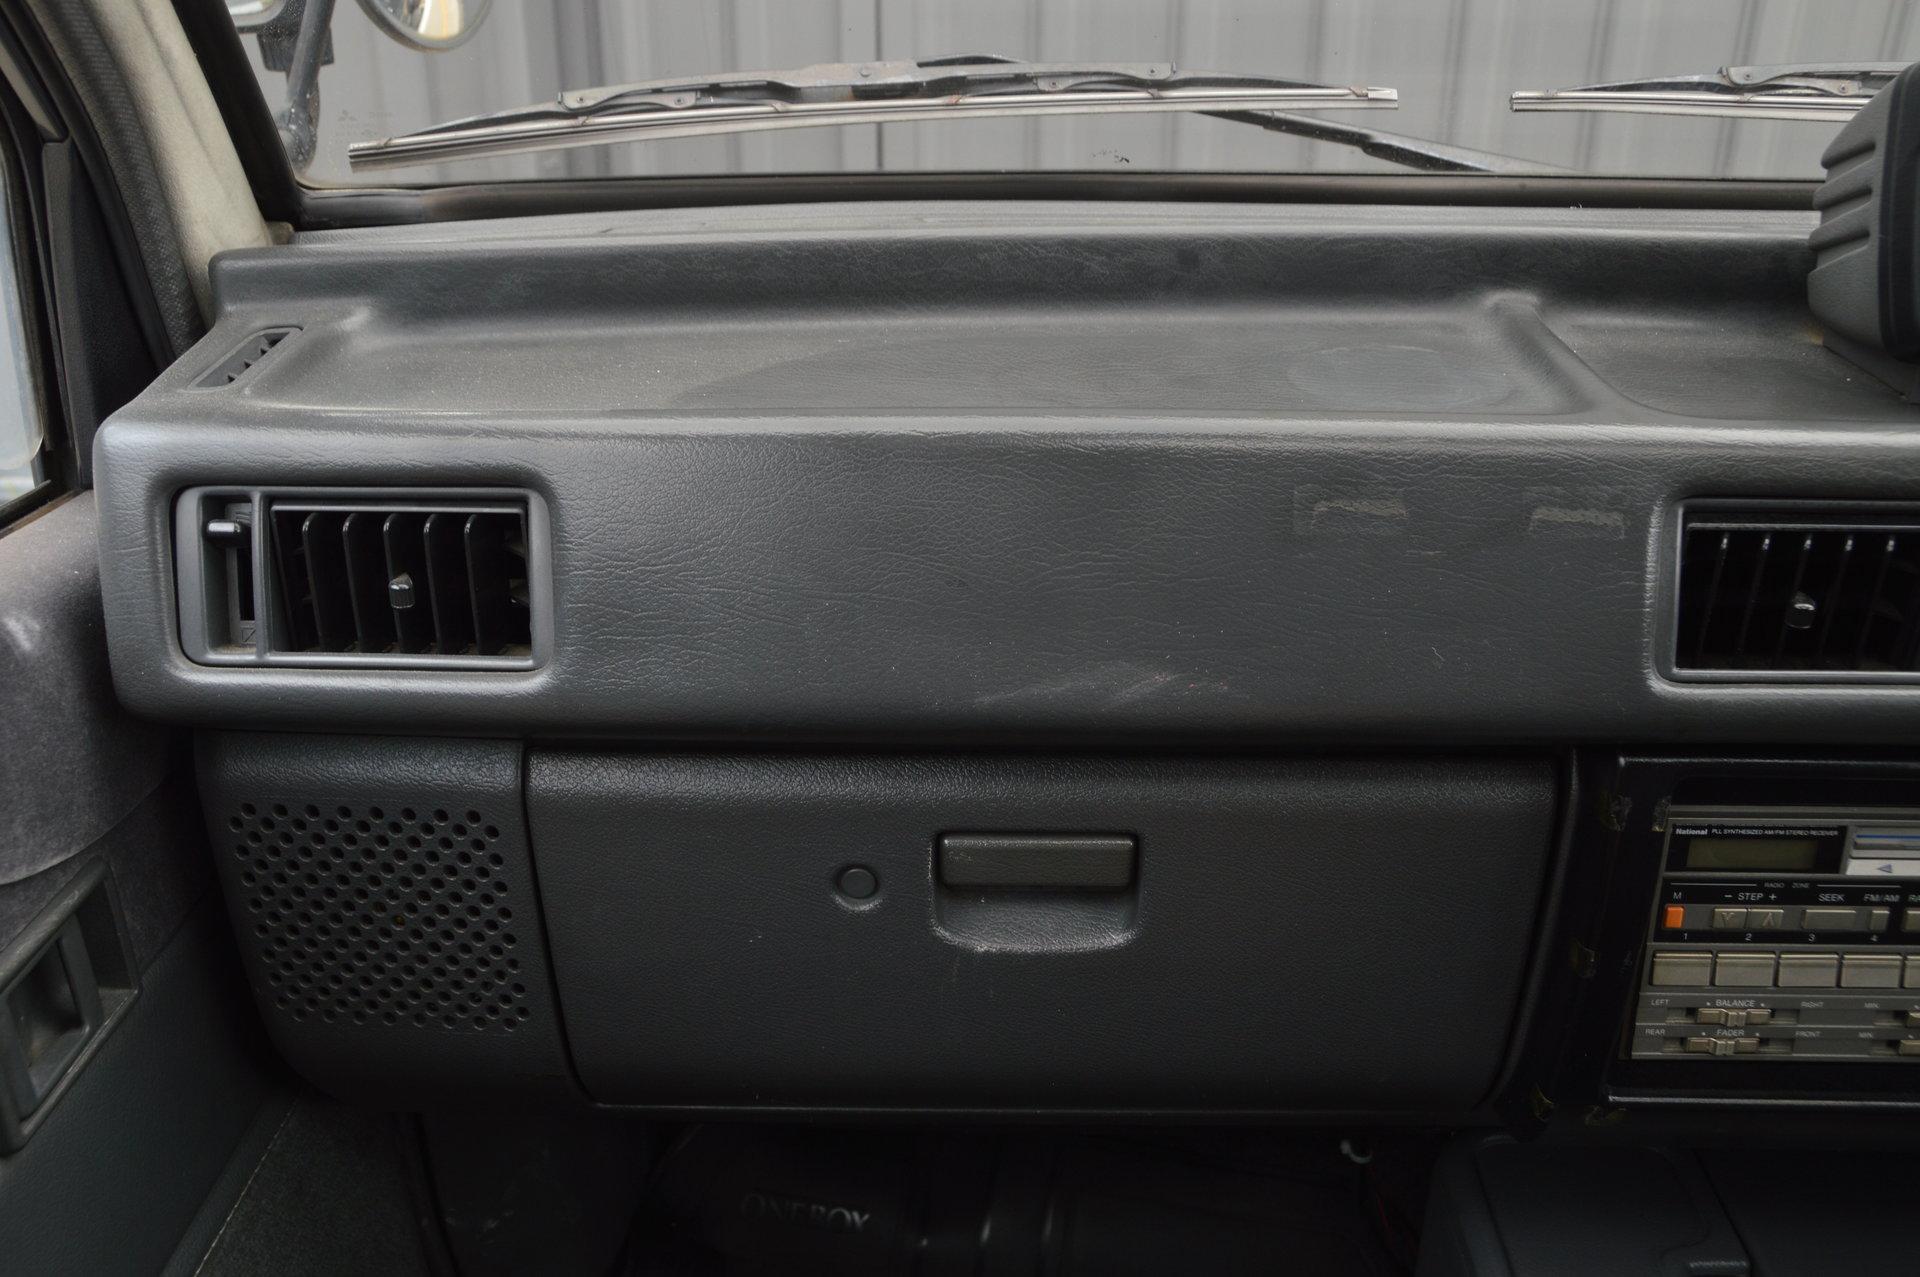 1991 Mitsubishi Delica For Sale 89400 Mcg